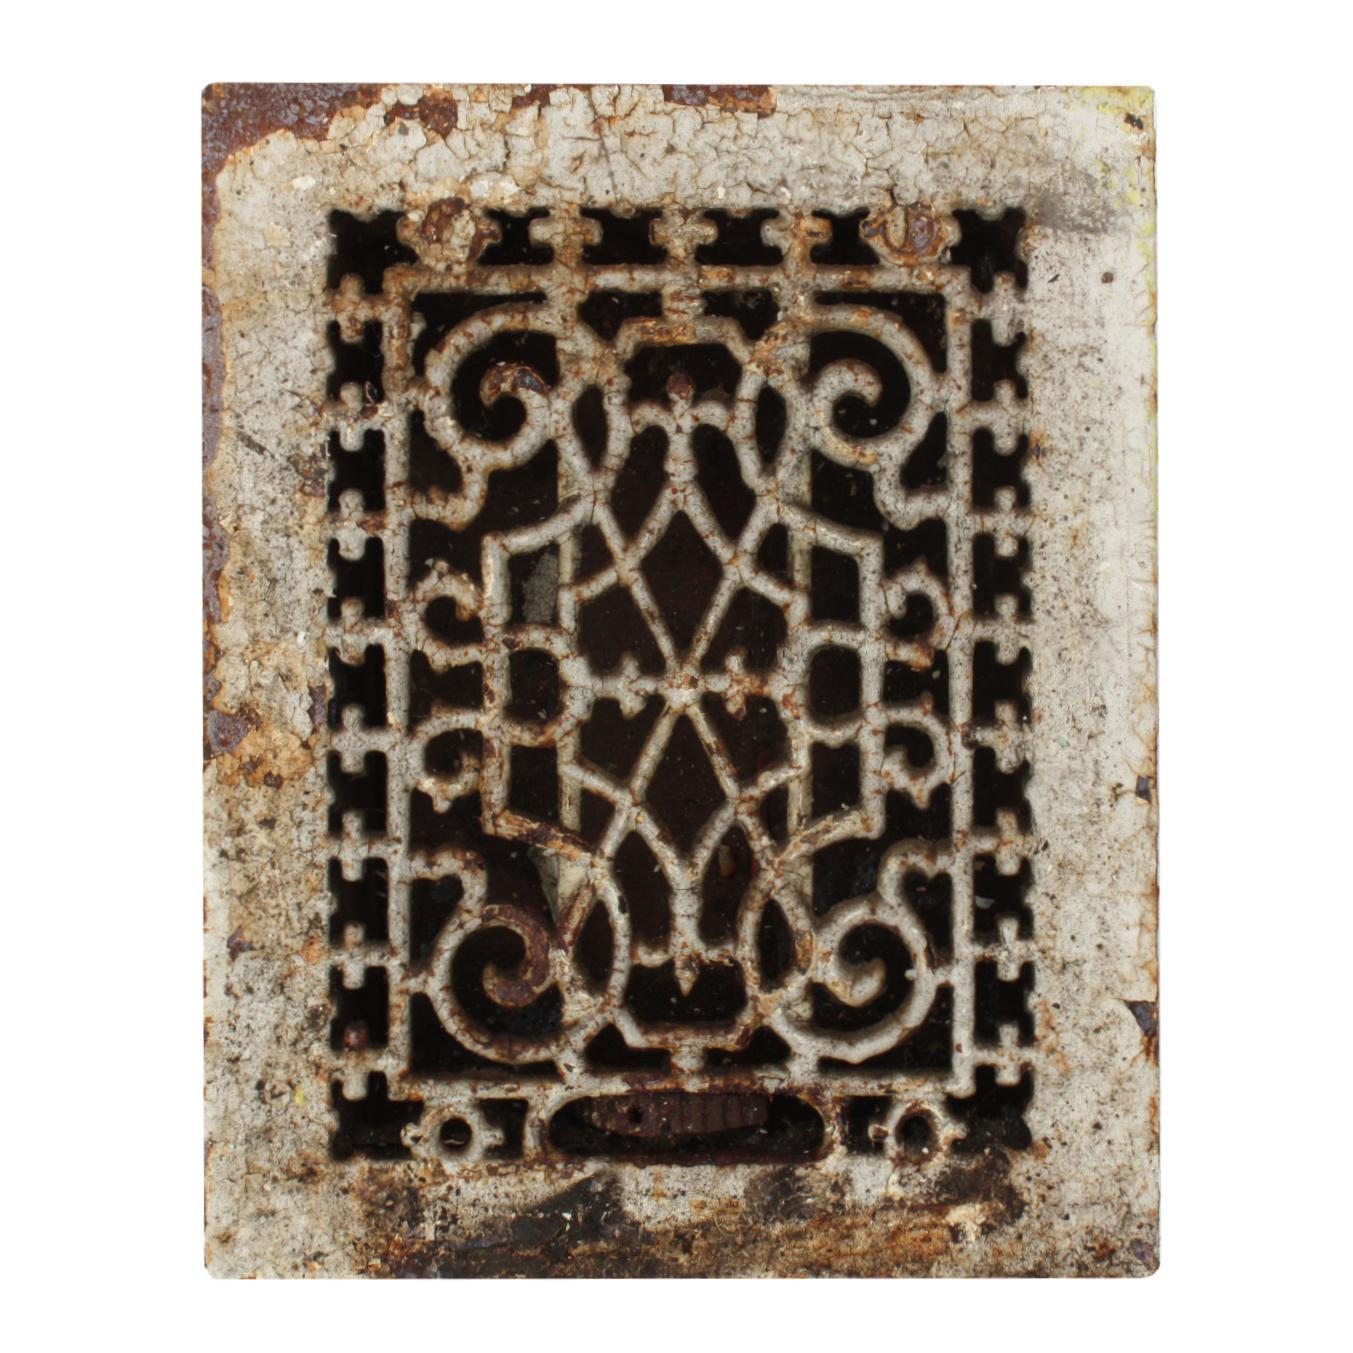 Elegant Antique Cast Iron Heat Register